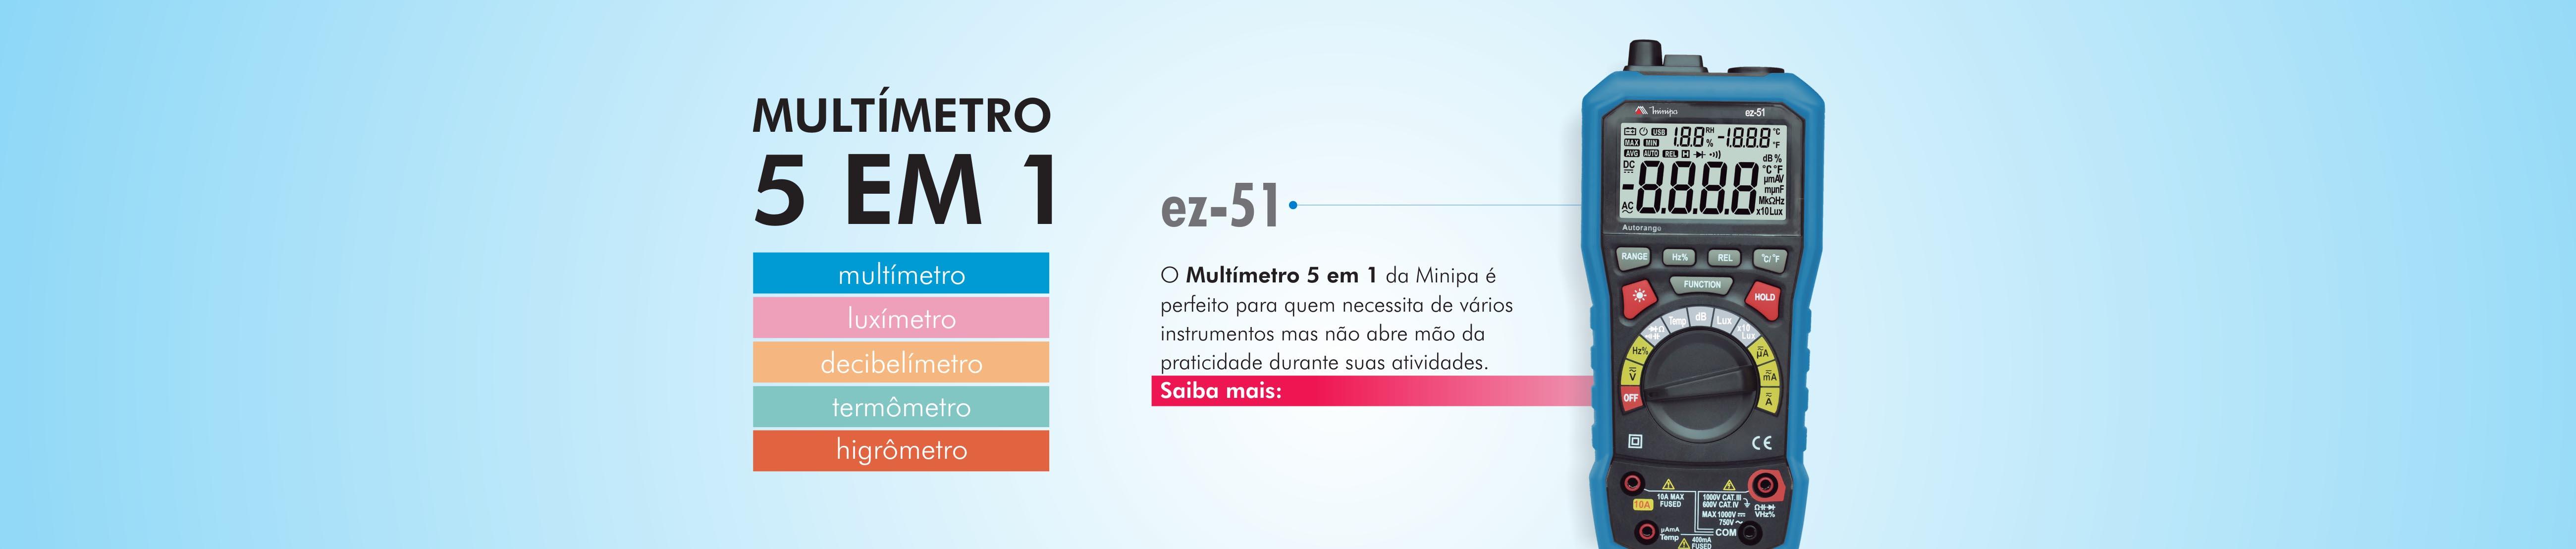 Banner_Multmetro_5_em_1_ez-51_Minipa